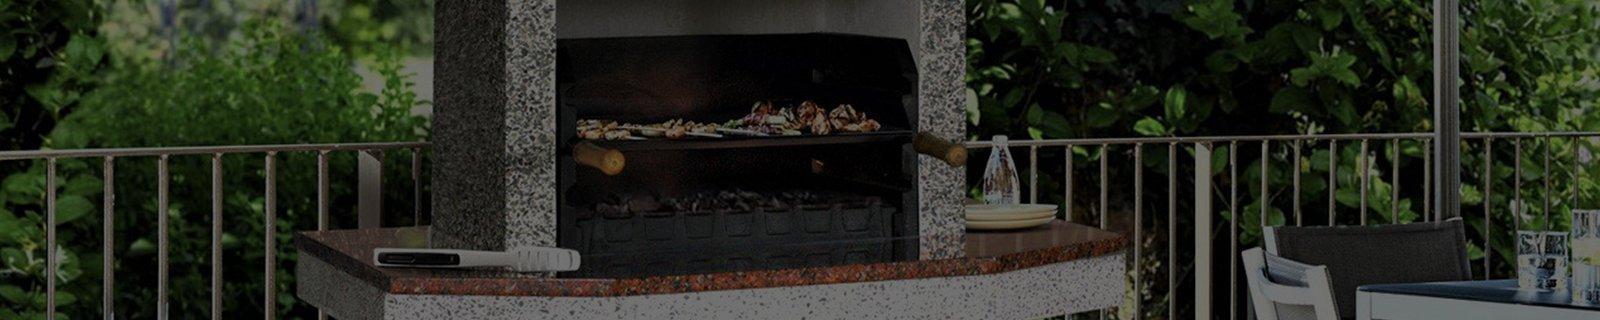 Купить мангалы для барбекю | Доставка, монтаж и установка - Kaminoff™